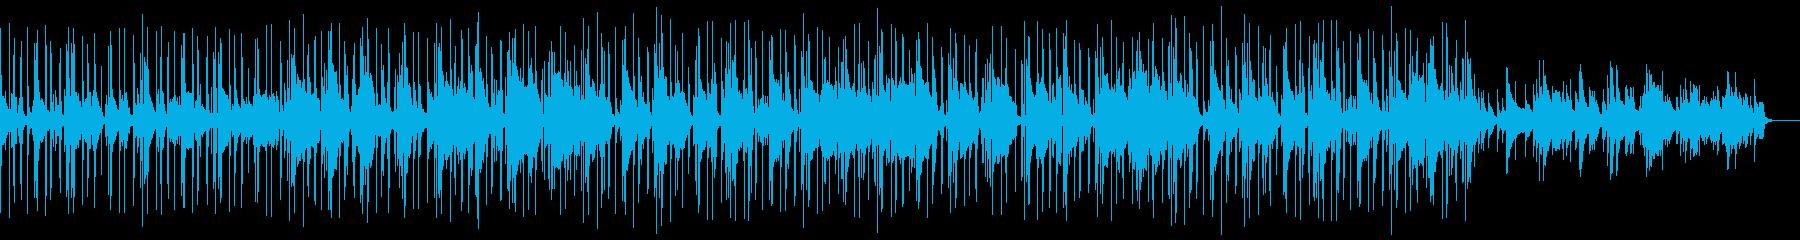 チルアウト/まったりヒップホップジャズの再生済みの波形